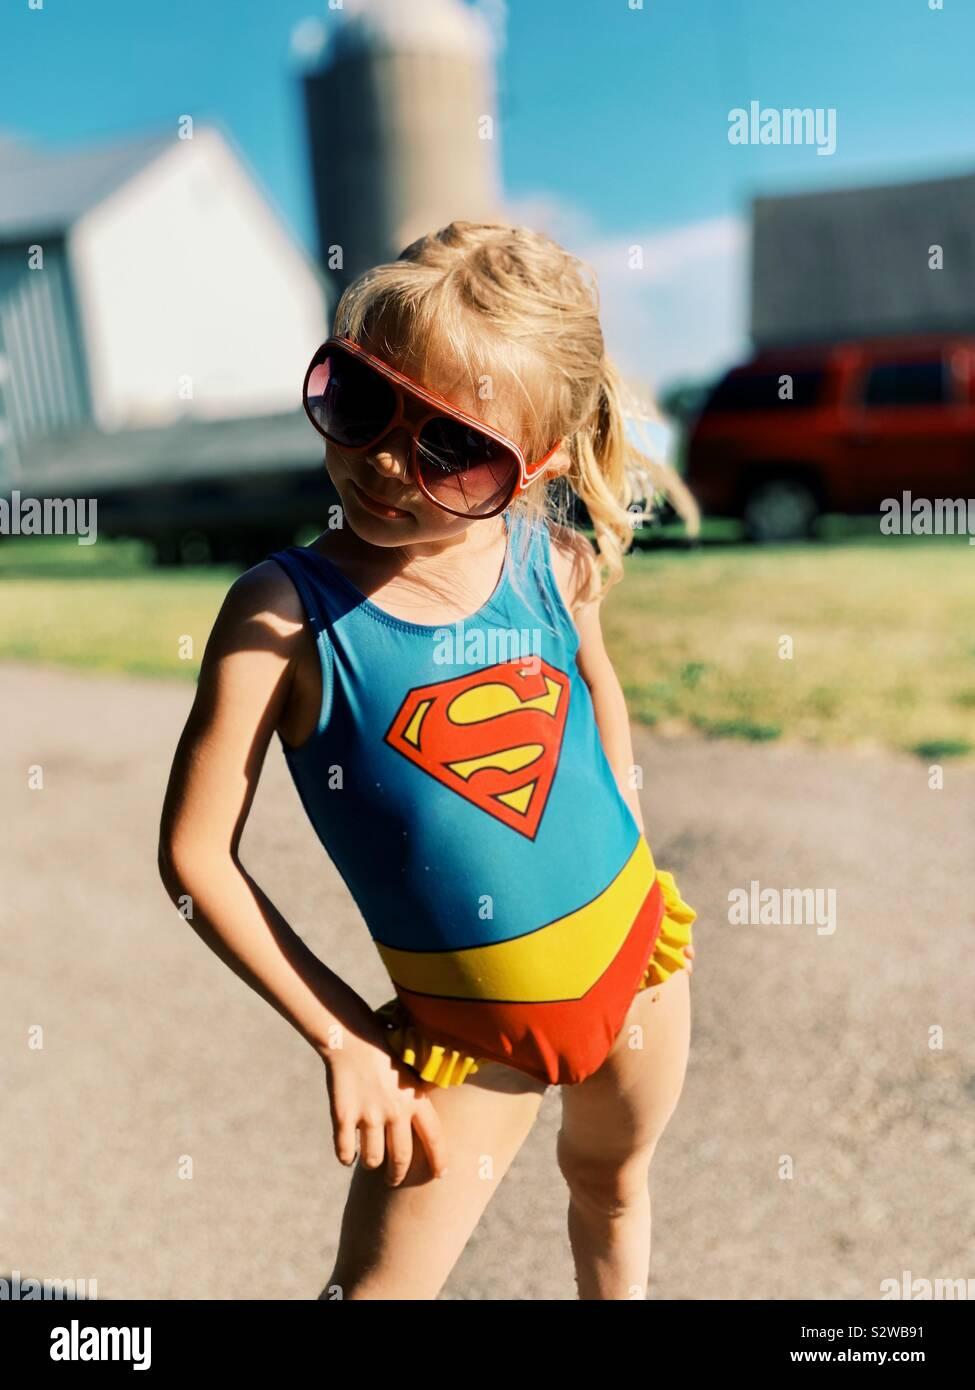 Muchacha con gafas rojas y supergirl bañador posando con actitud descarada Foto de stock